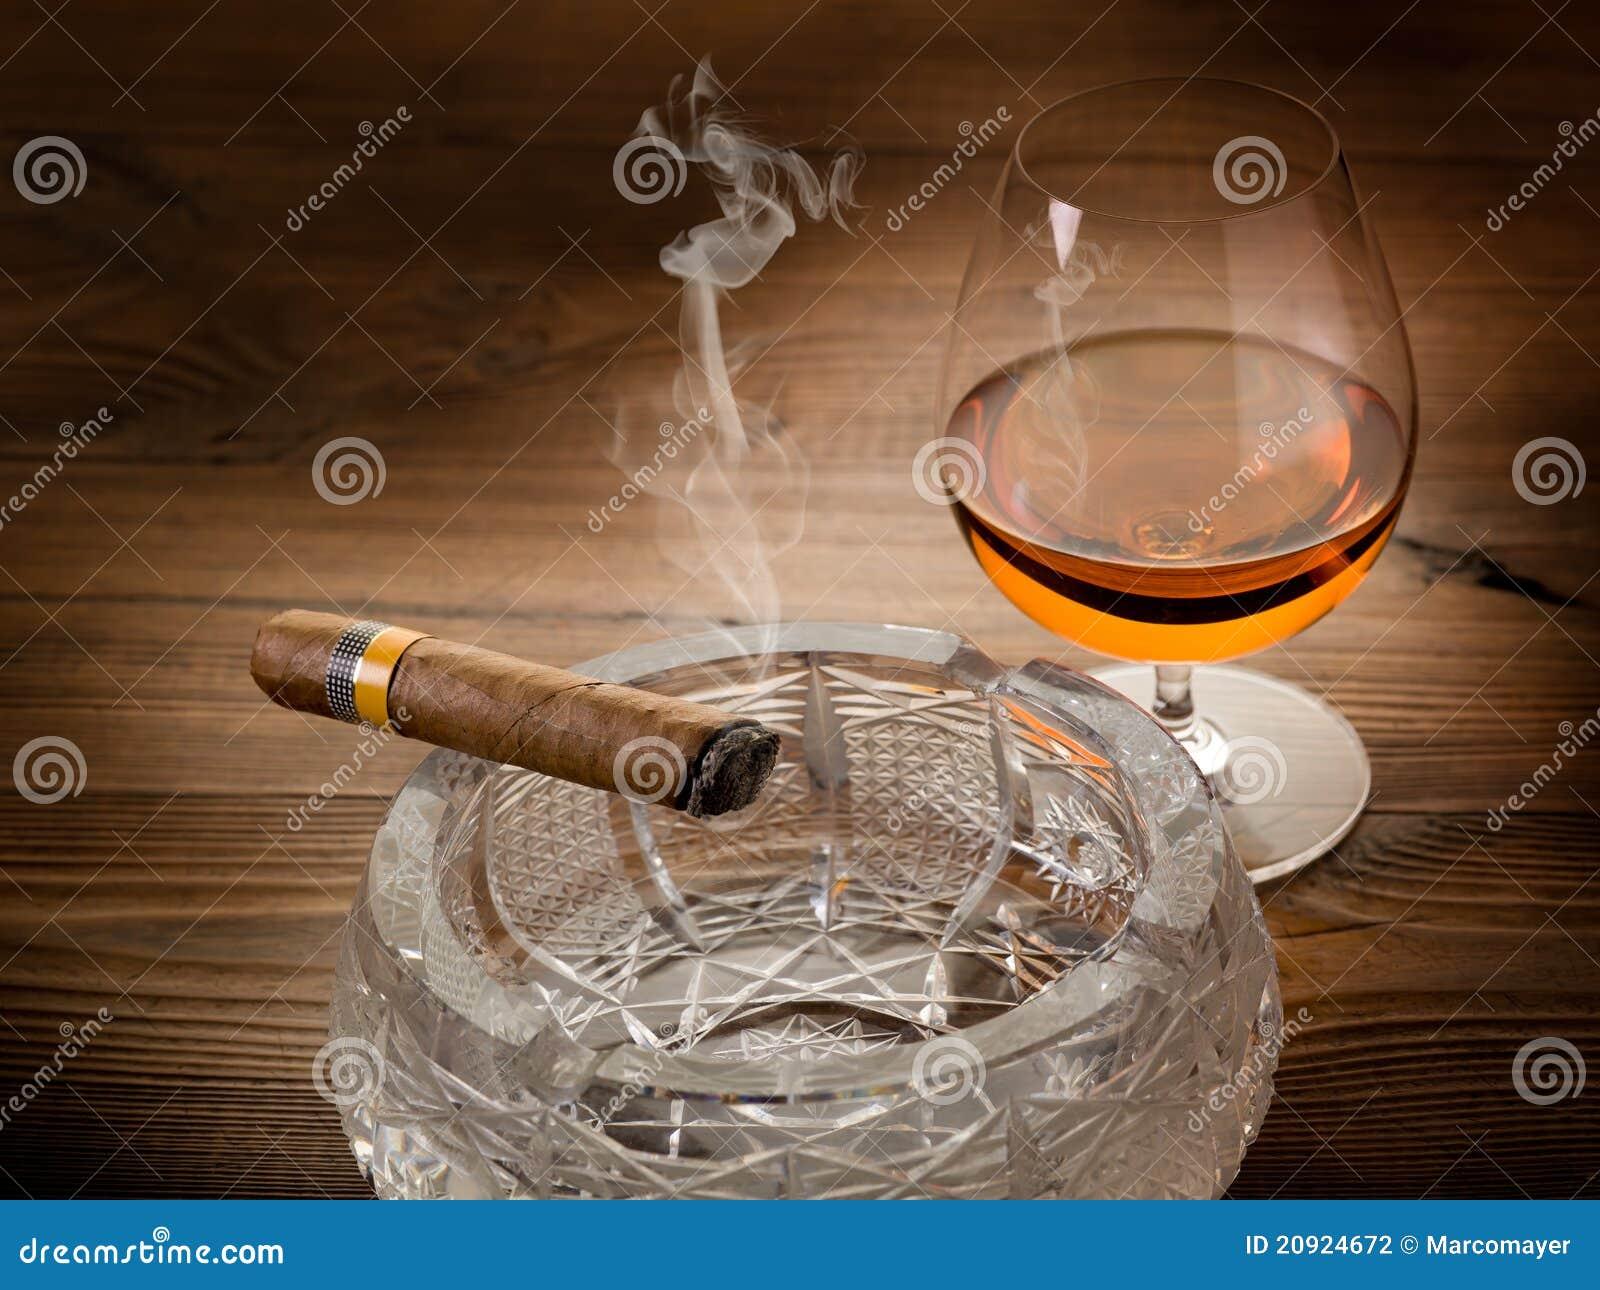 Kubanische Zigarre Und Kognak Stockfoto - Bild von real, getränk ...